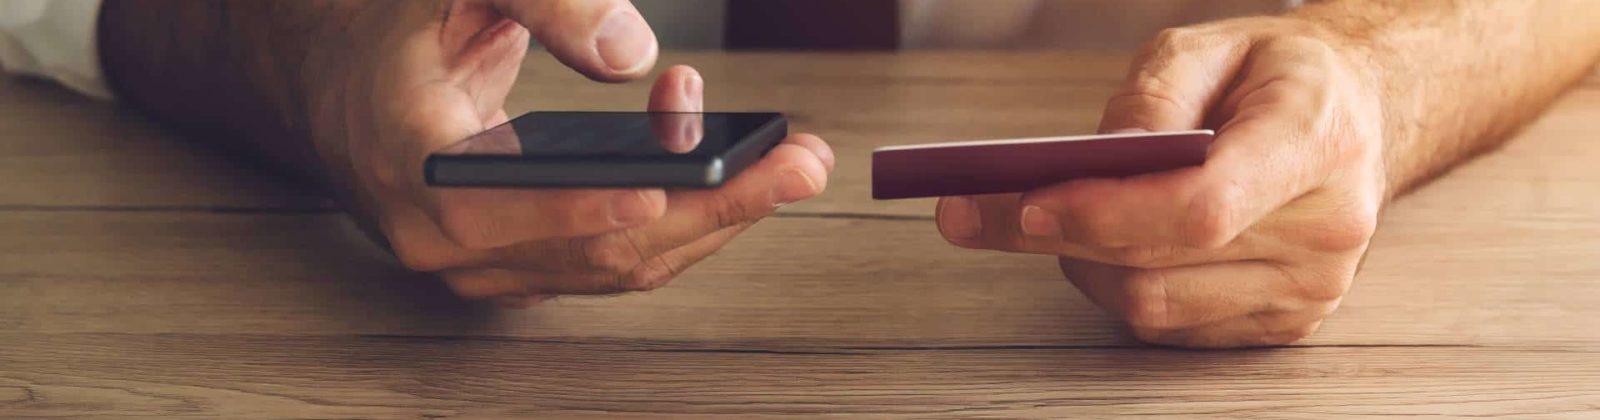 Shopping Action de Google, un avance en el comercio electrónico